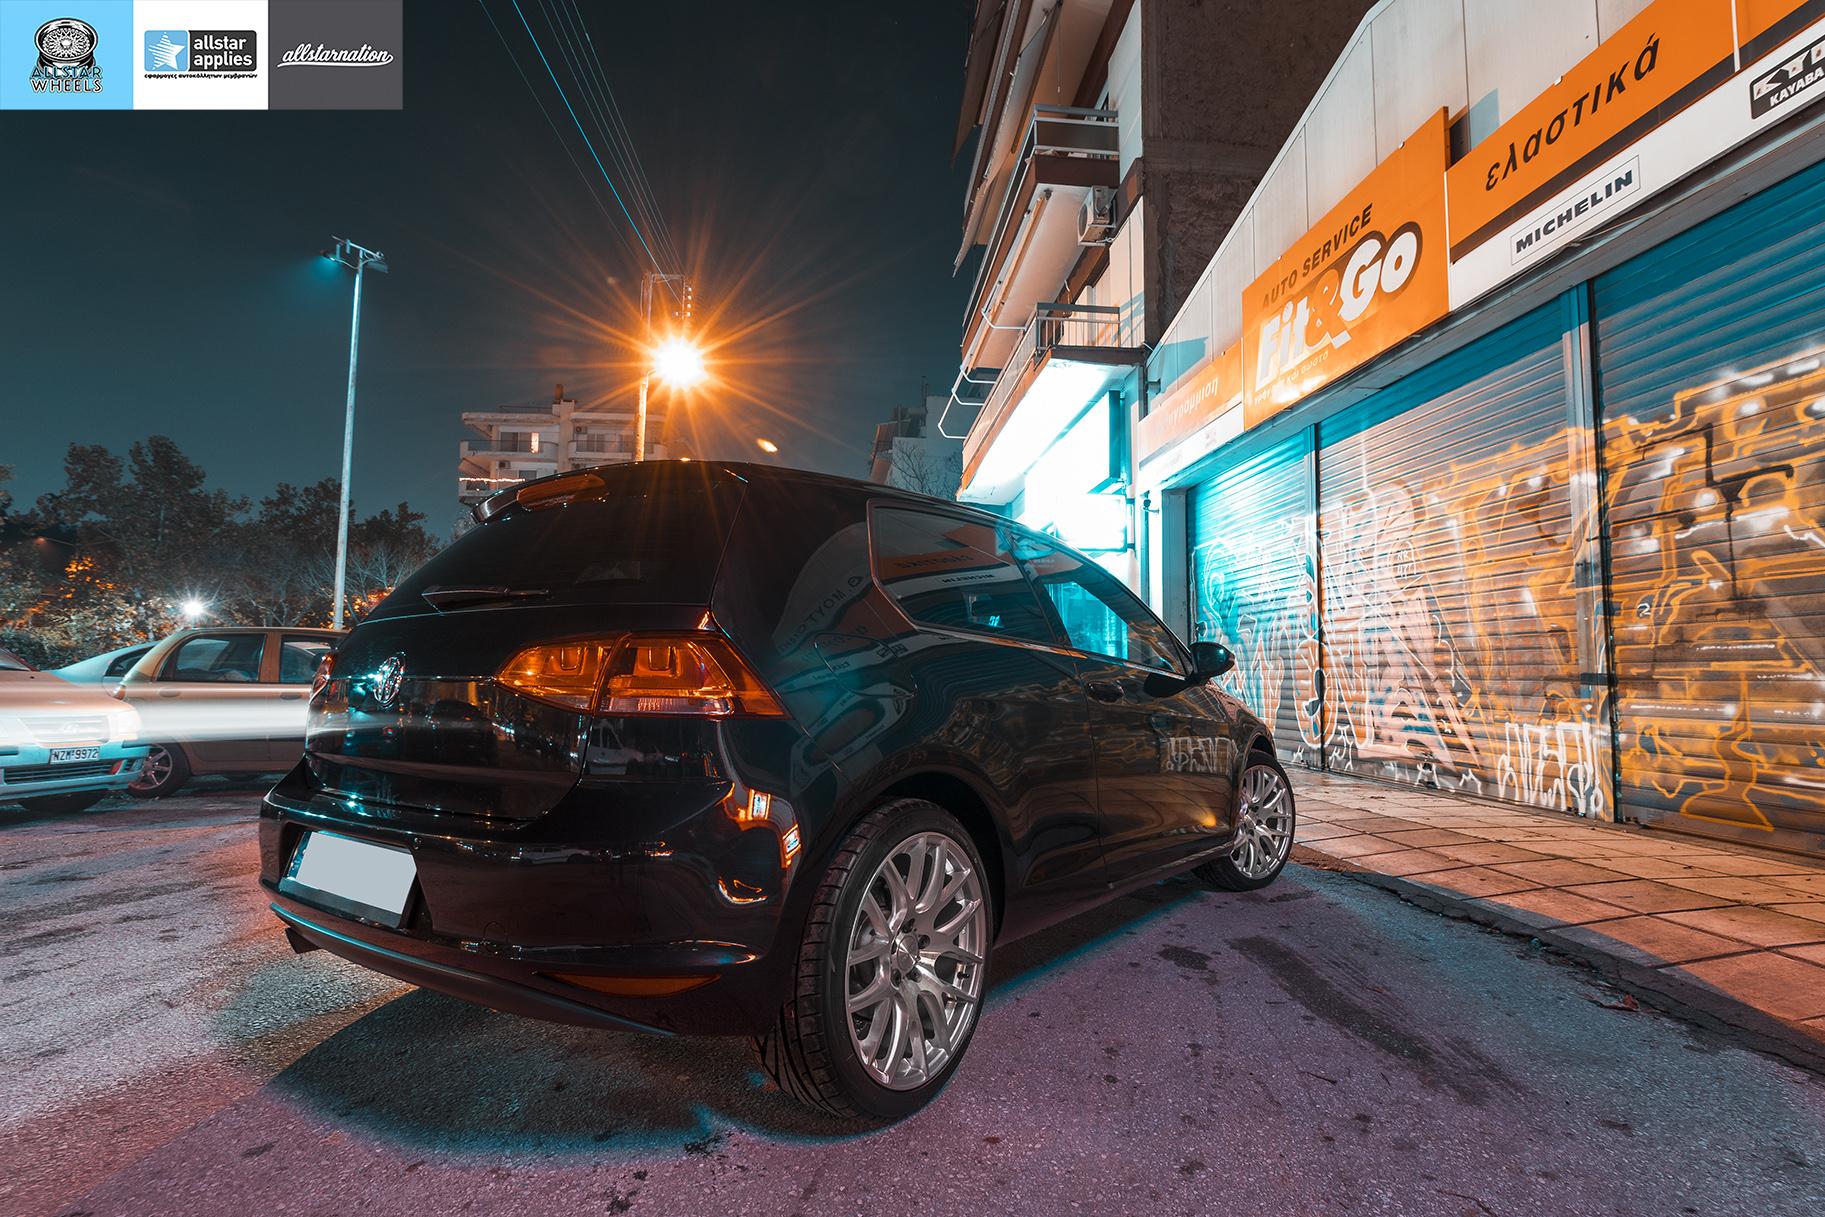 Ζάντες αυτοκινήτων vw στη Θεσσαλονίκη allstar applies